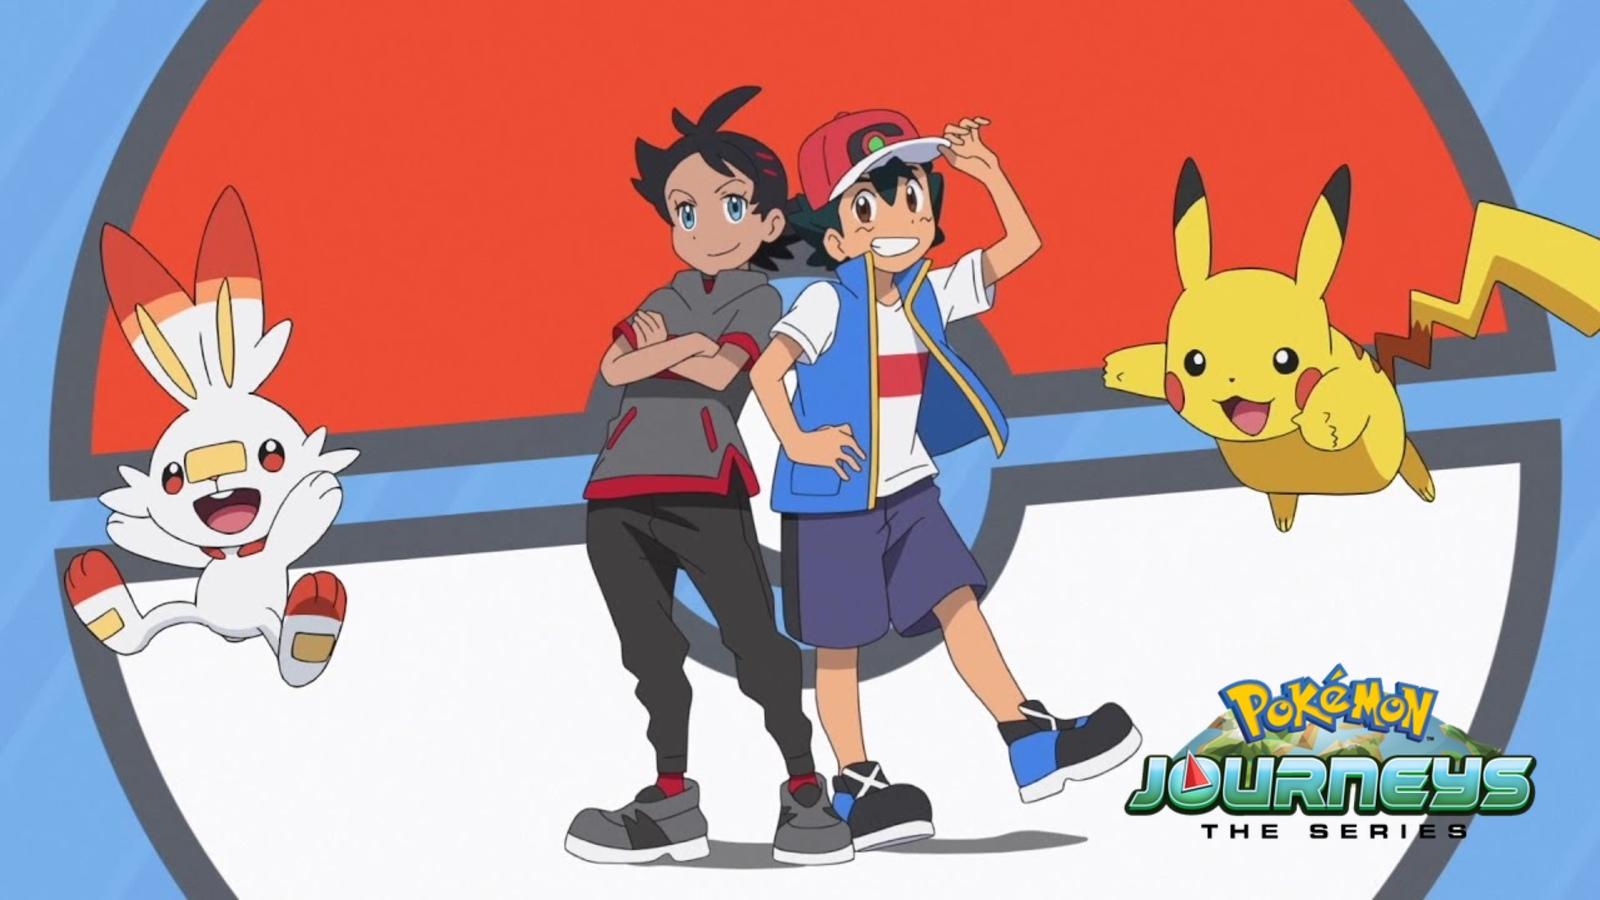 Pokemon Journeys on Netflix